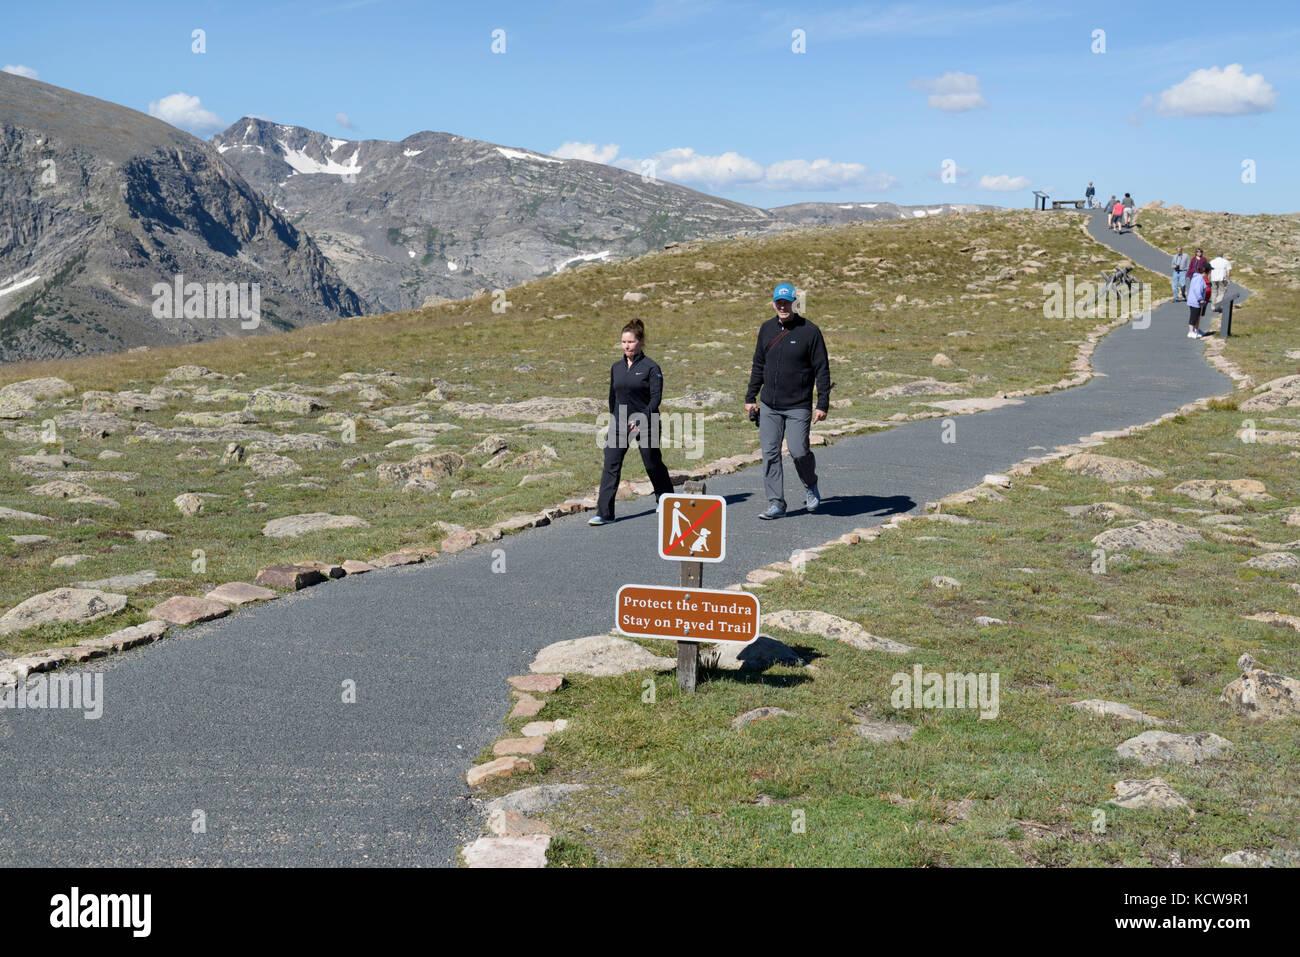 Besucher am Regenbogen Kurve Viewpoint, Rocky Mountain National Park, Colorado Stockbild